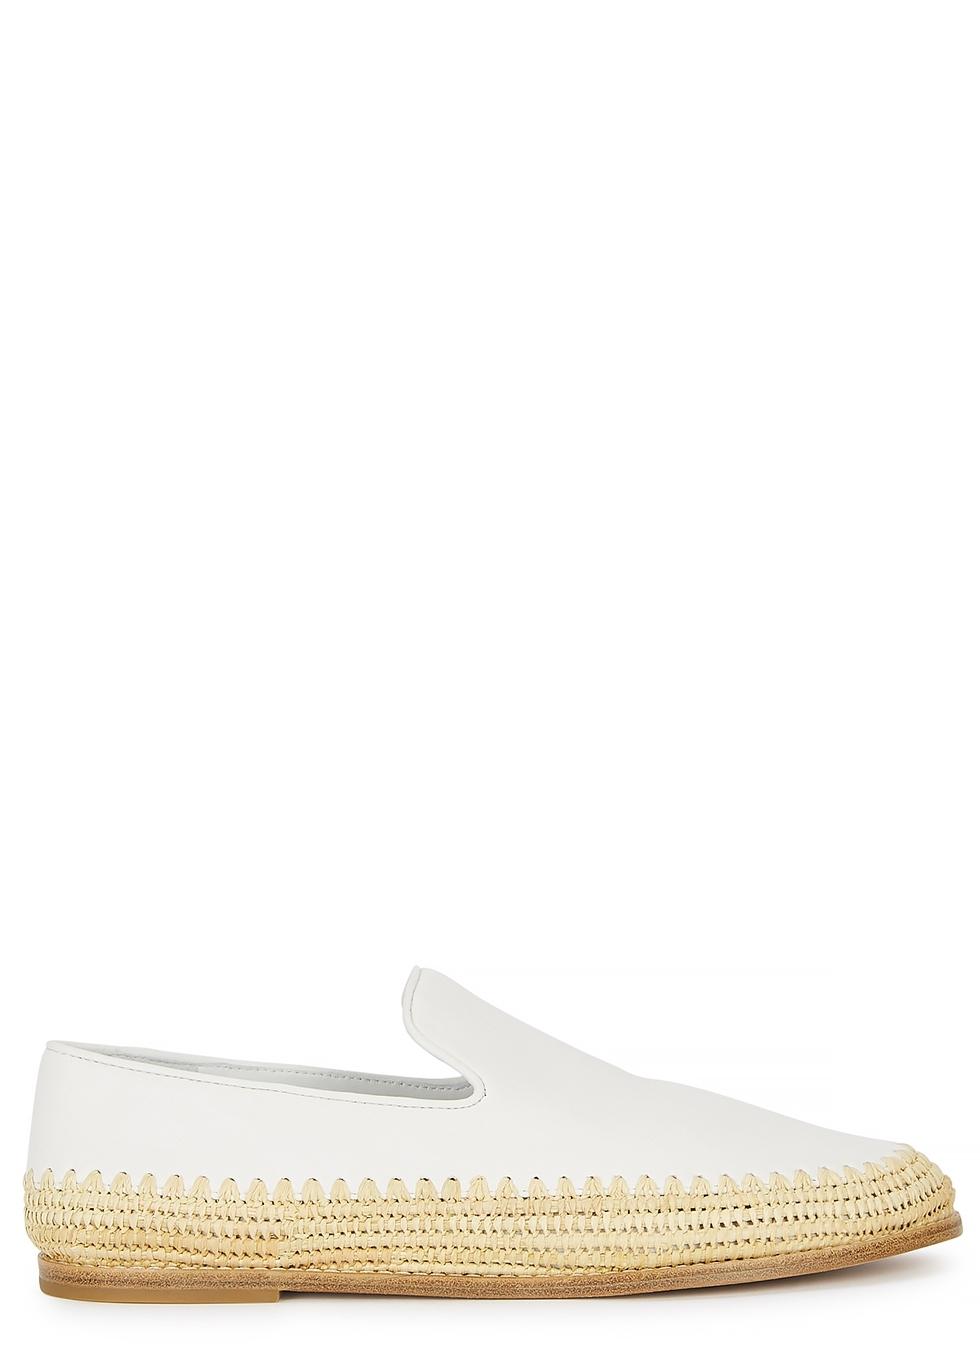 d9d916071 Women's Designer Shoes - Ladies Shoes - Harvey Nichols